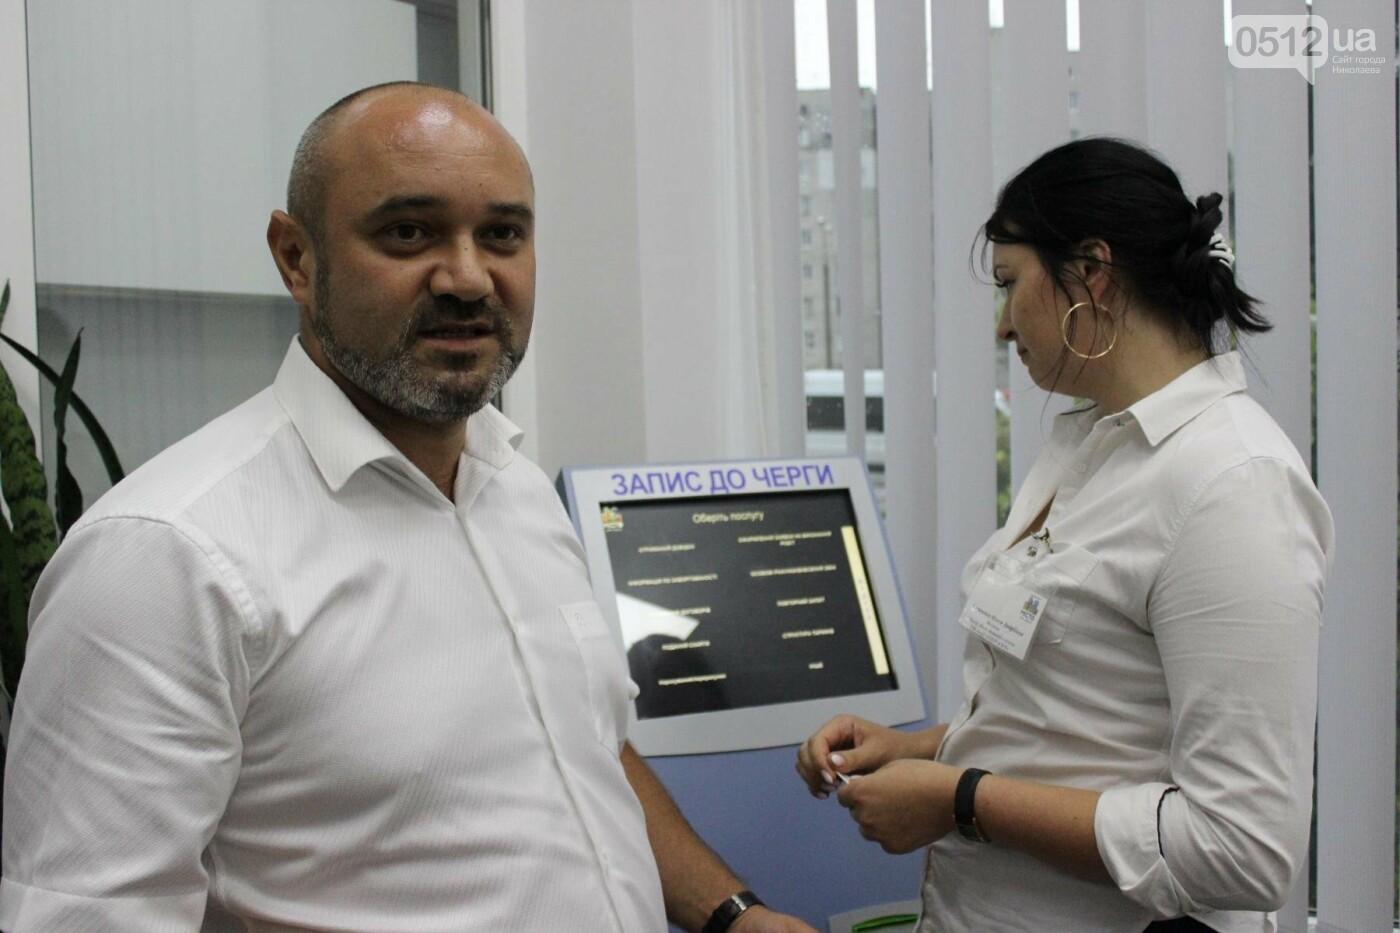 Компания, победившая на обслуживание ряда домов Николаева, презентовала свою работу в Запорожье, - ФОТО, ВИДЕО, фото-15